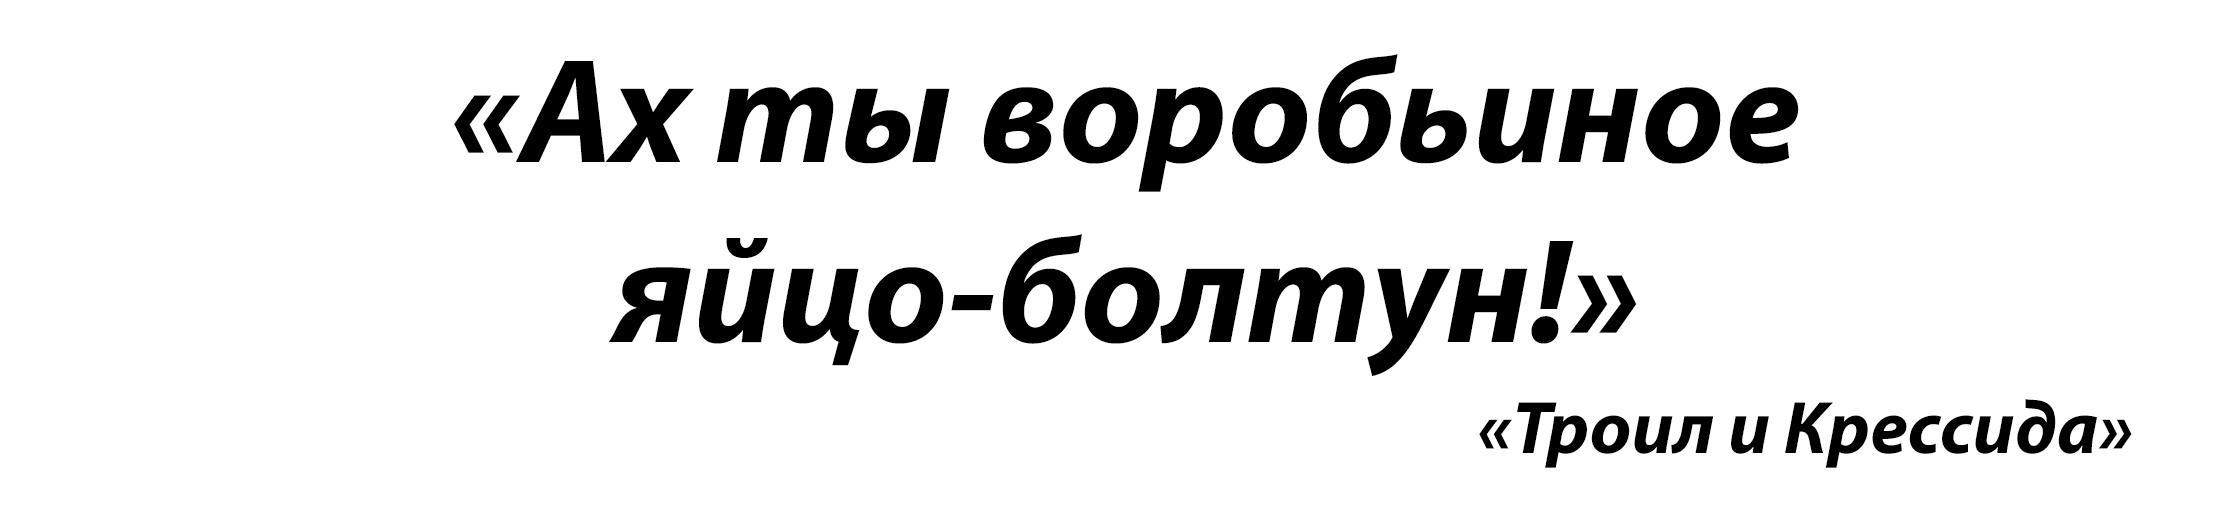 1596709160_015.jpg